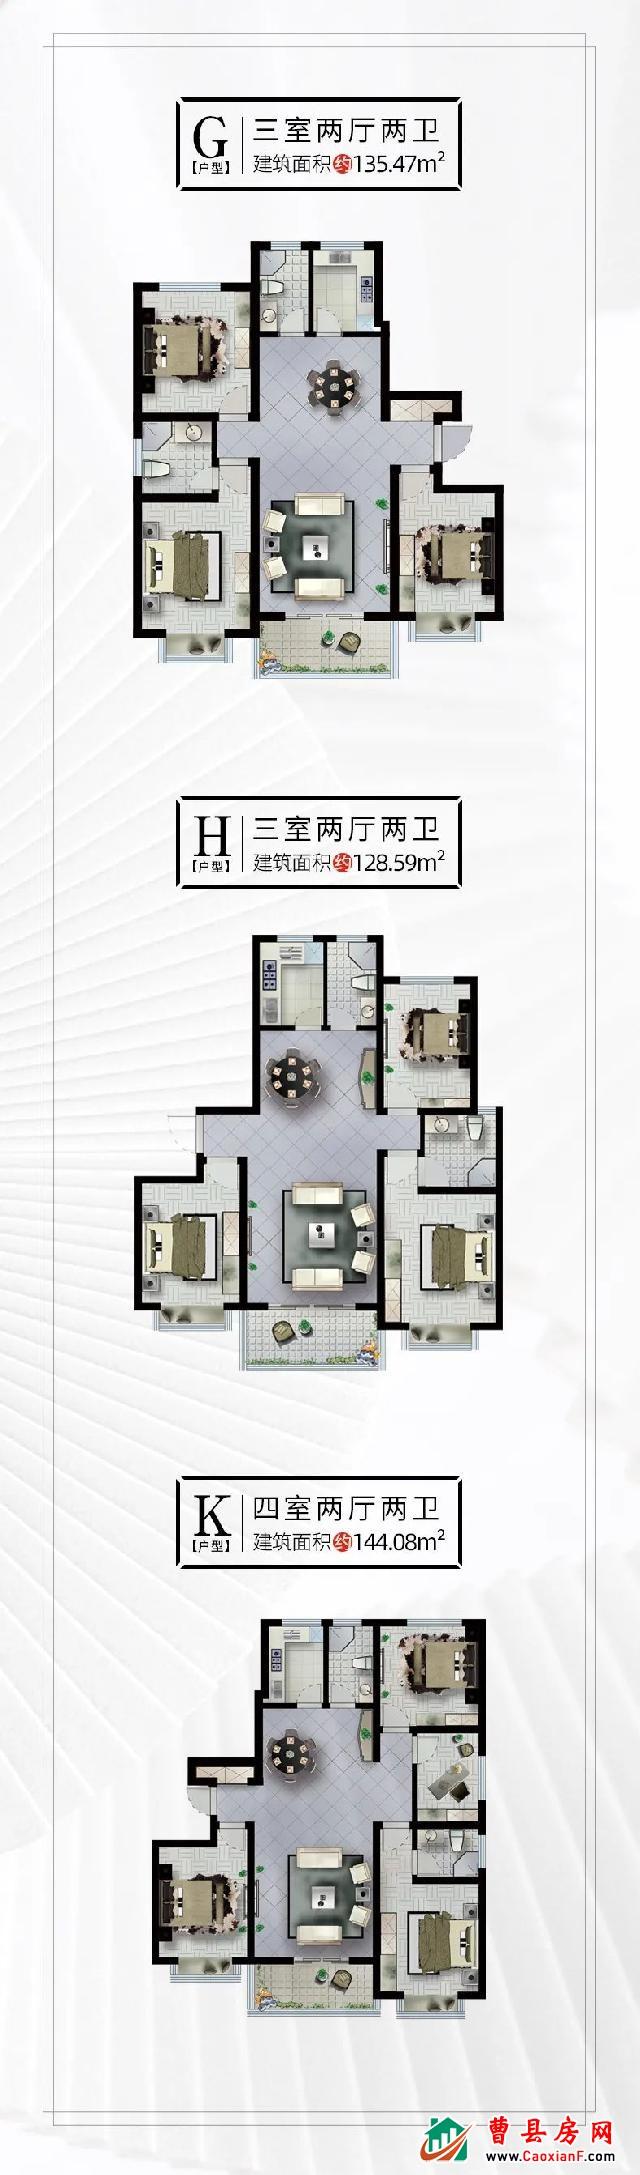 頤江南丨618購房節鉅惠來襲,好禮折上折!